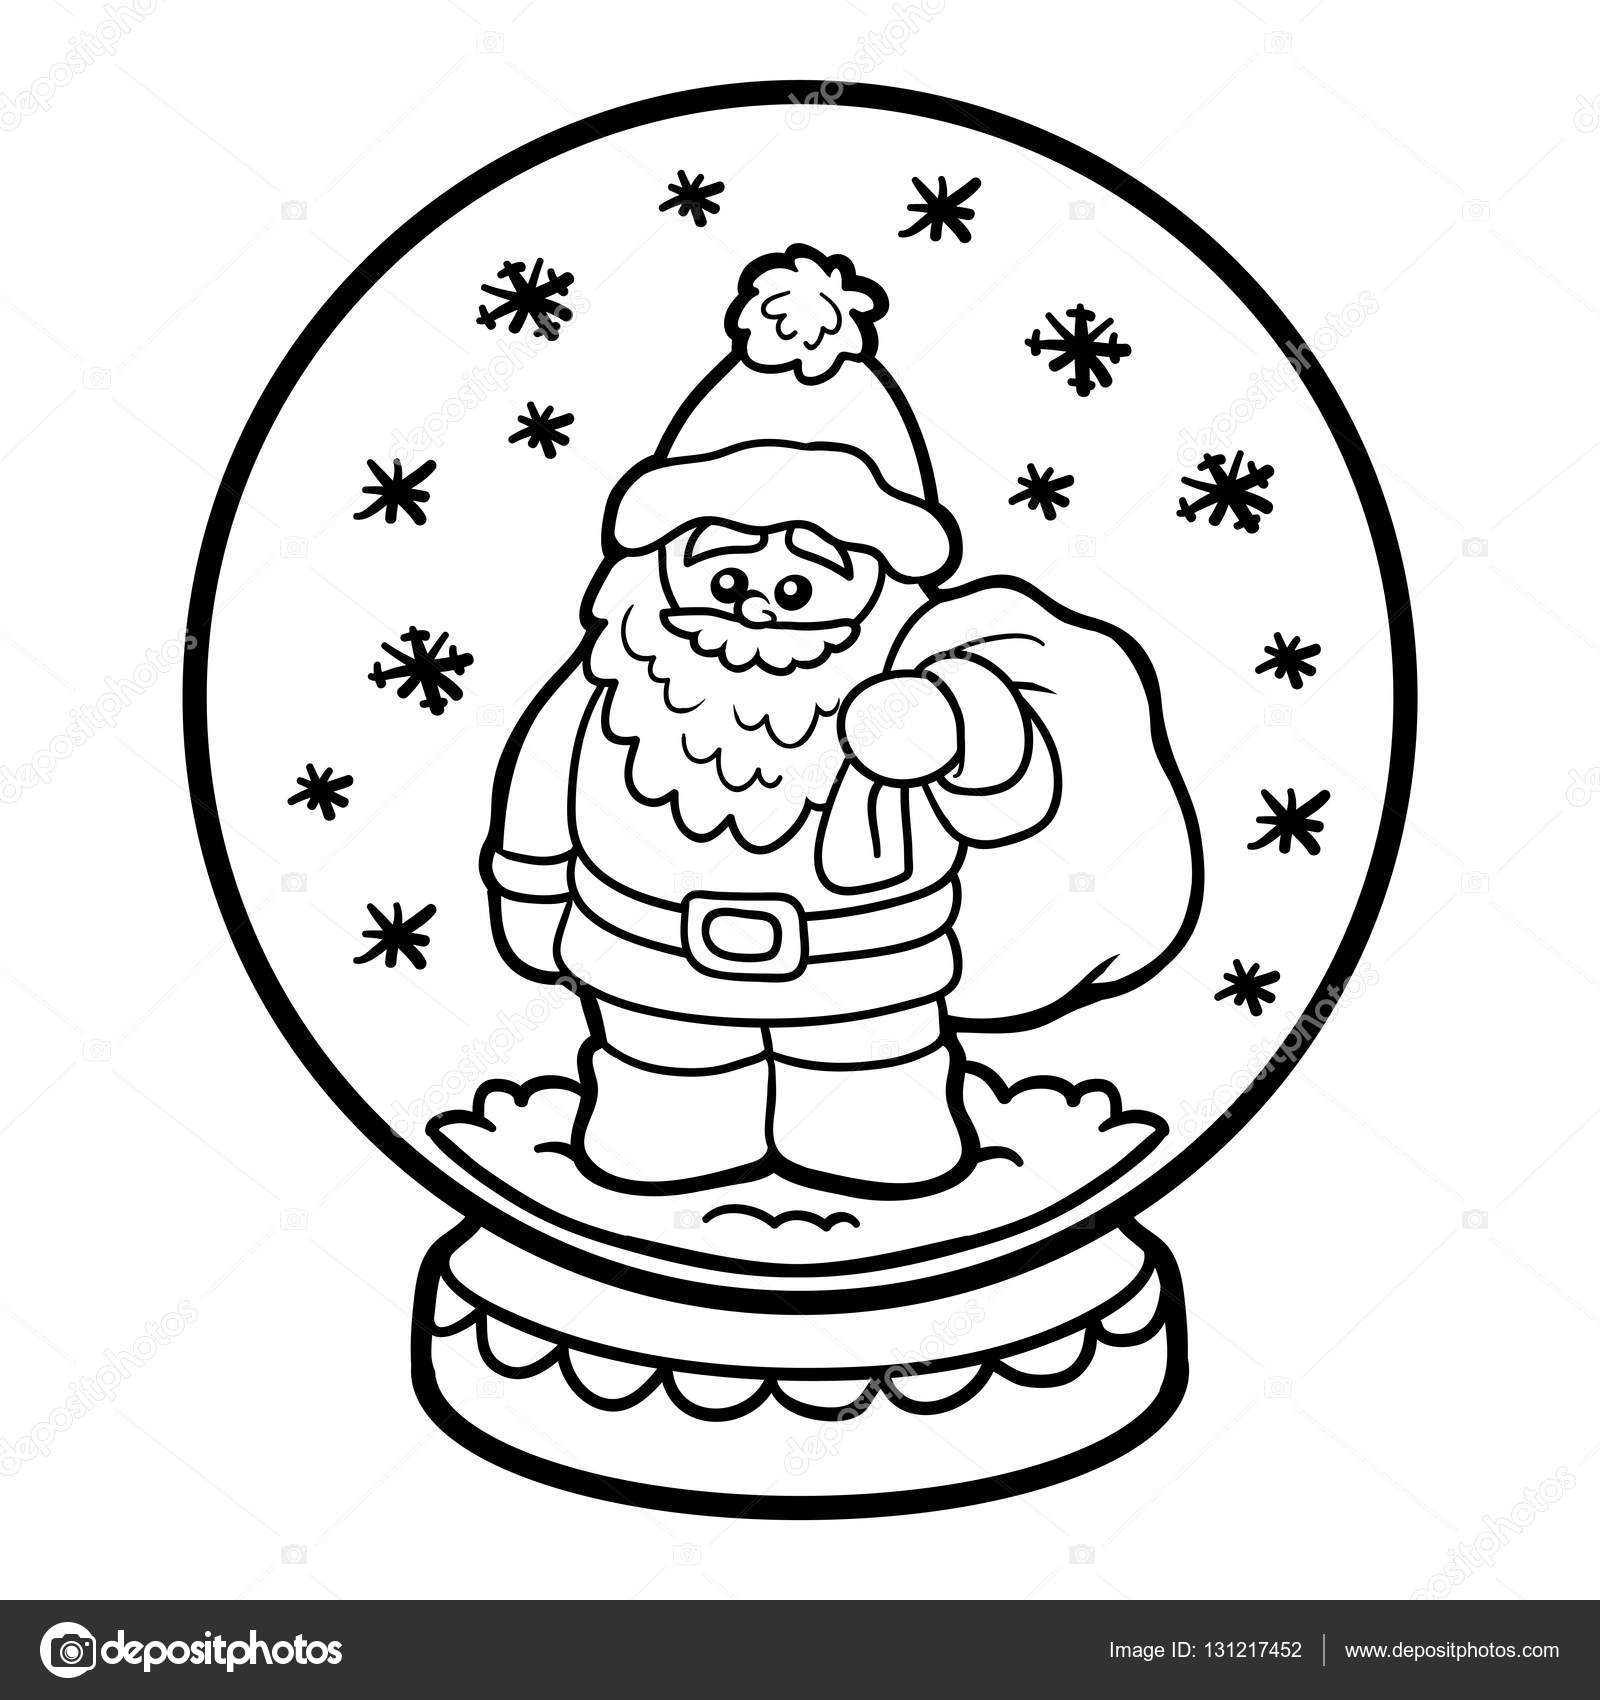 çocuklar Için Boyama Kitabı Kartopu Noel Baba Ile Stok Vektör